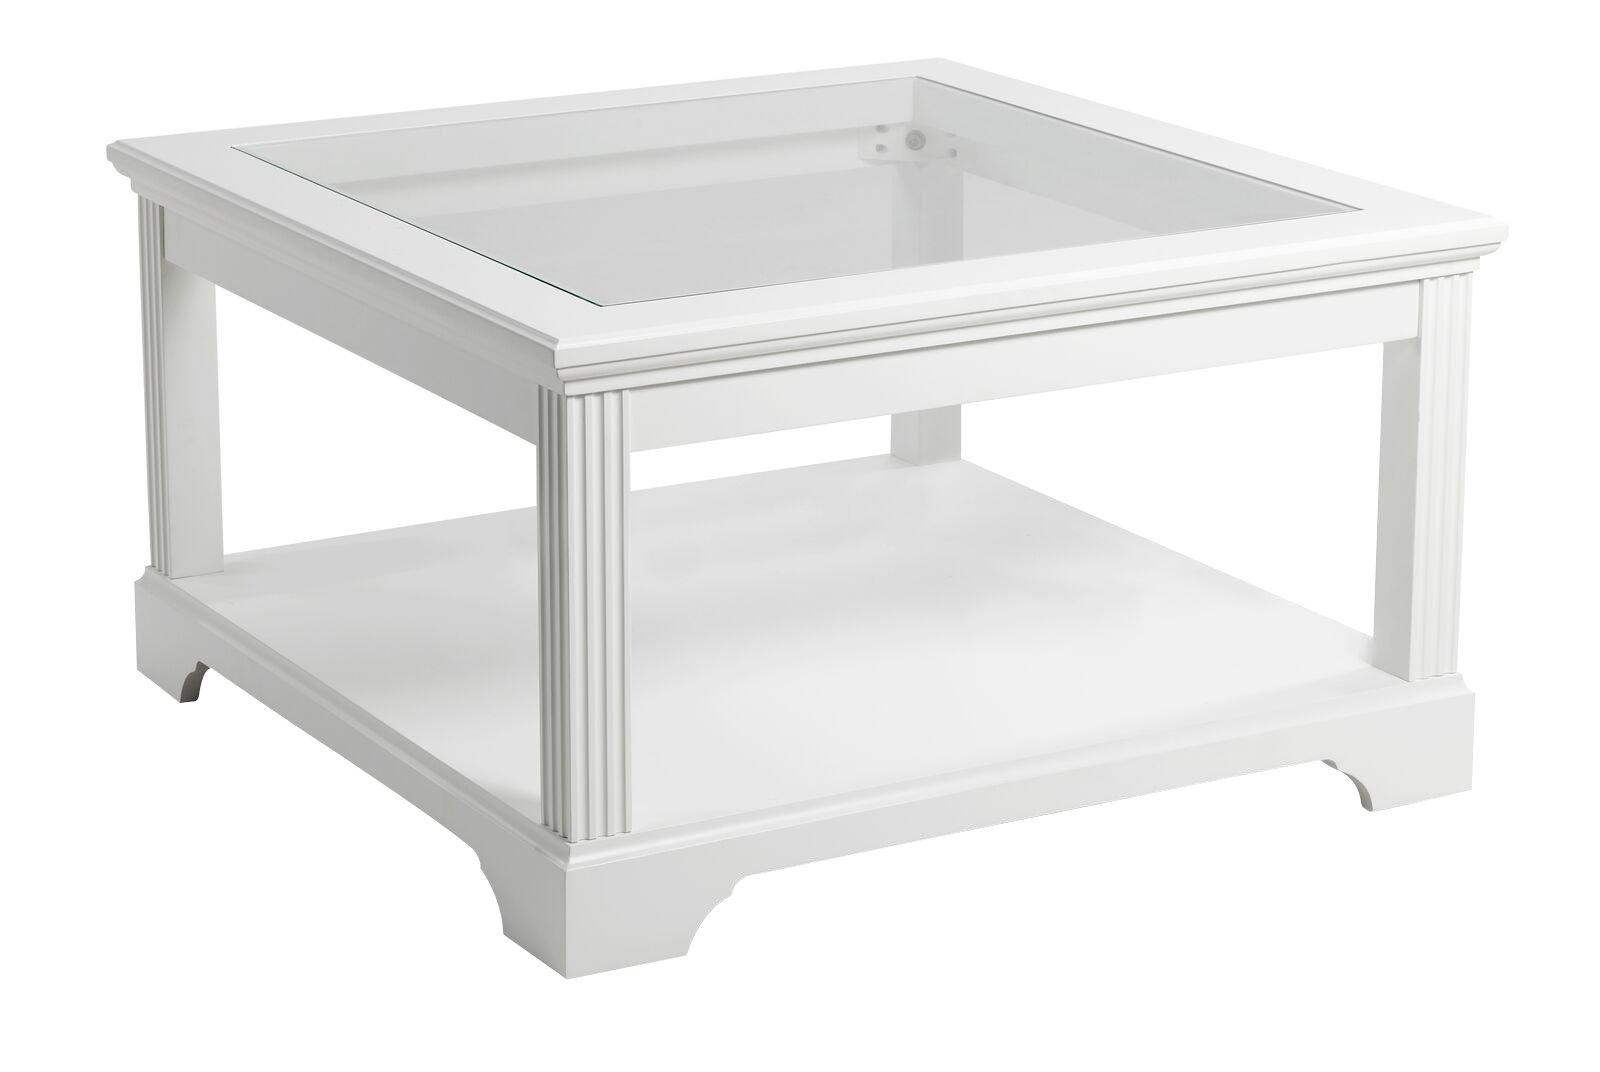 couchtisch charlot glas holz wohnzimmer tisch beistelltisch wei teilmassiv ebay. Black Bedroom Furniture Sets. Home Design Ideas